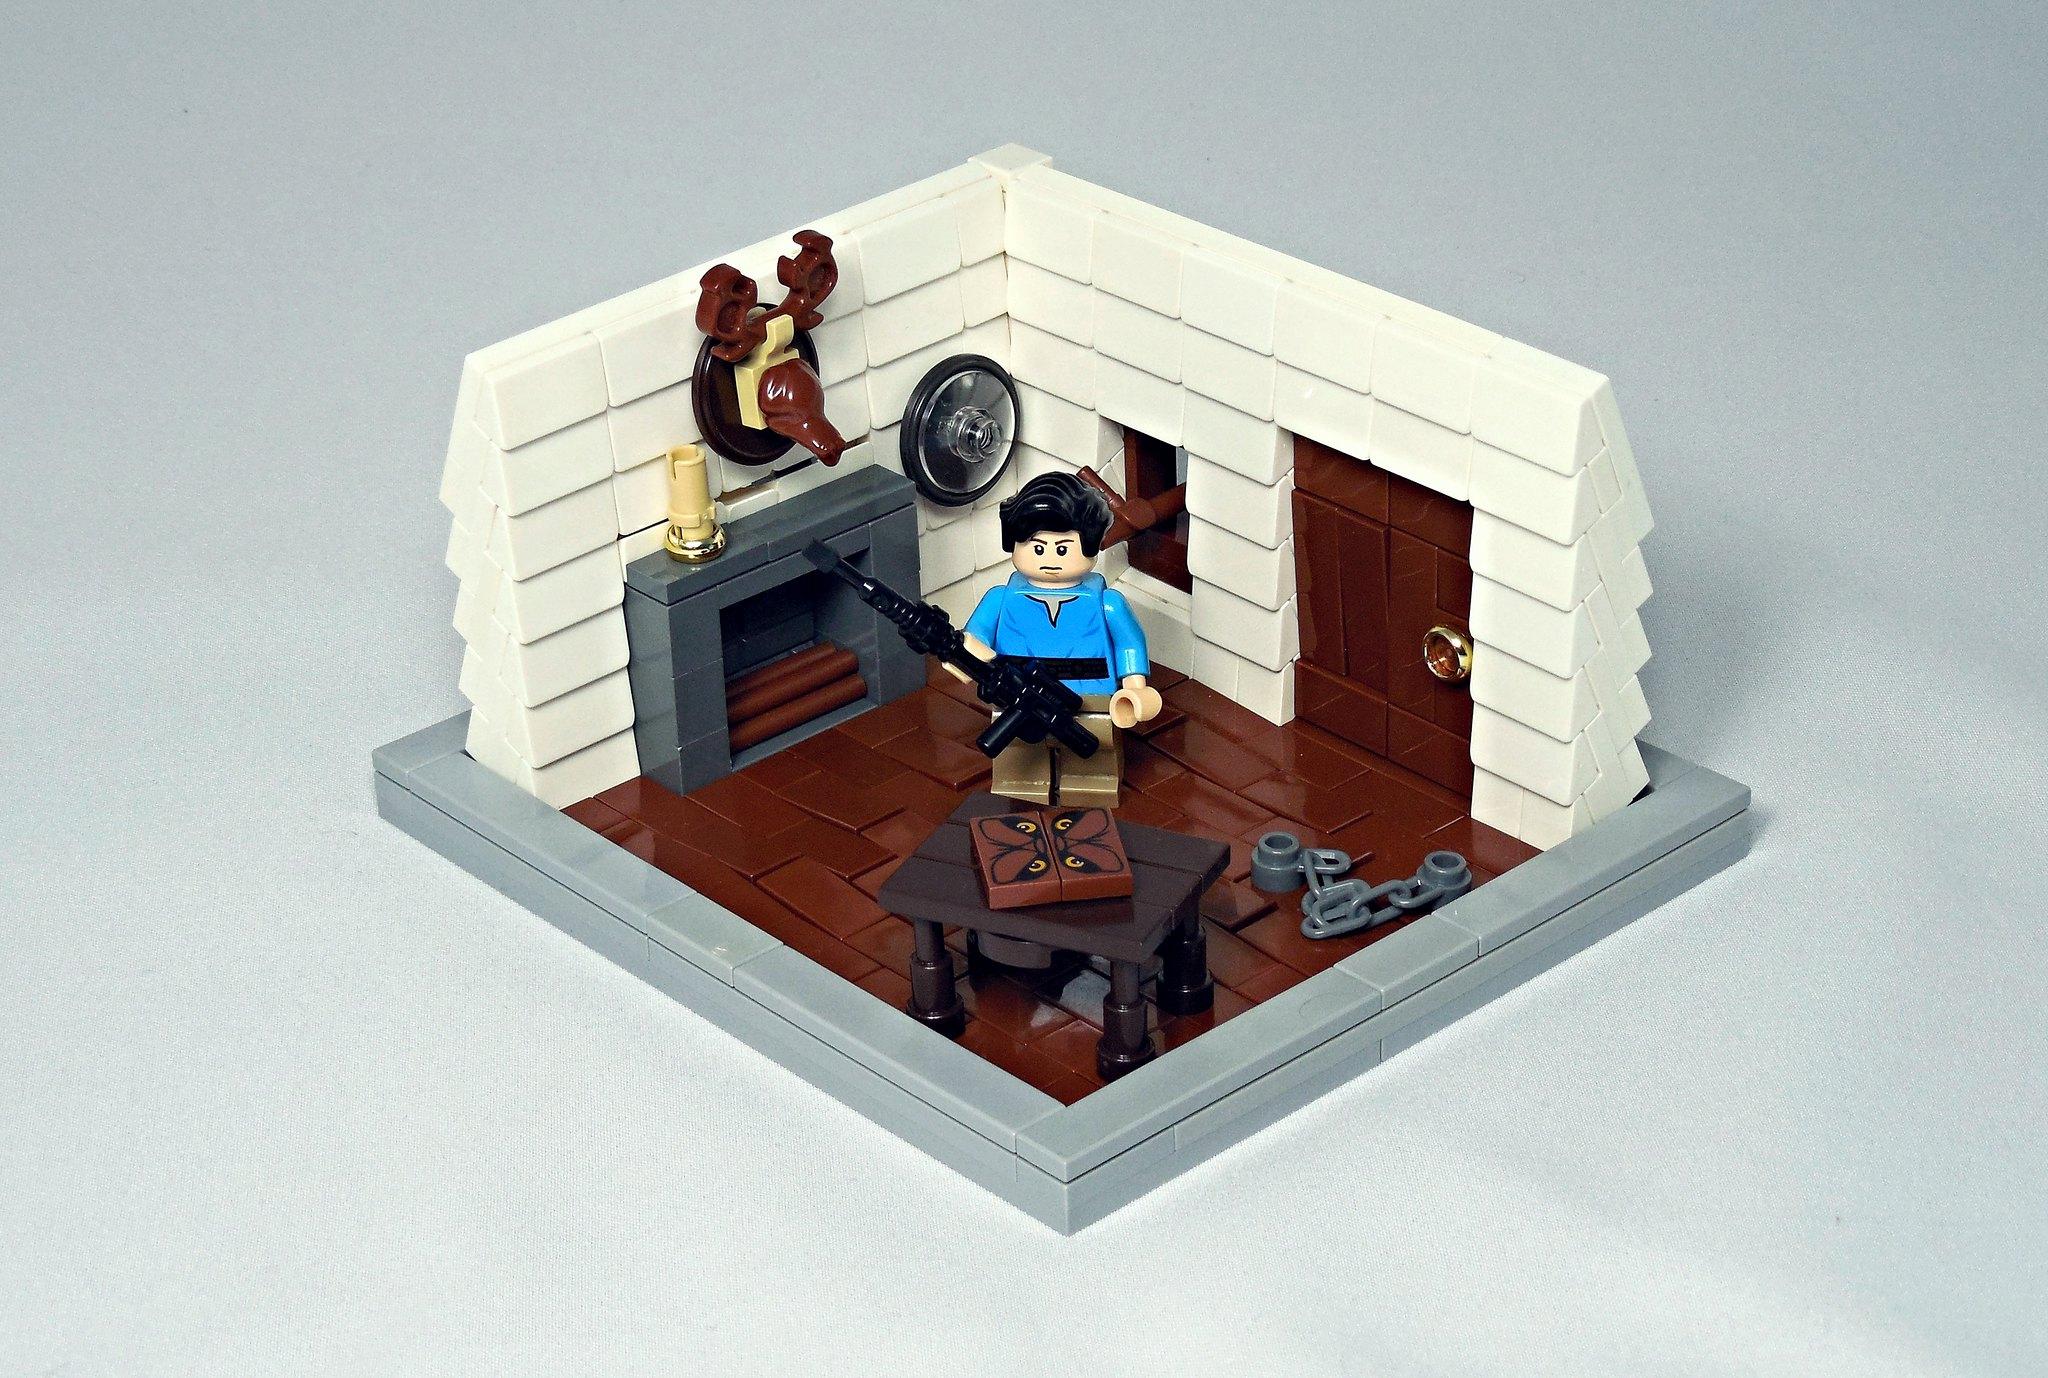 LEGO® MOC by Vitreolum: The Evil Dead